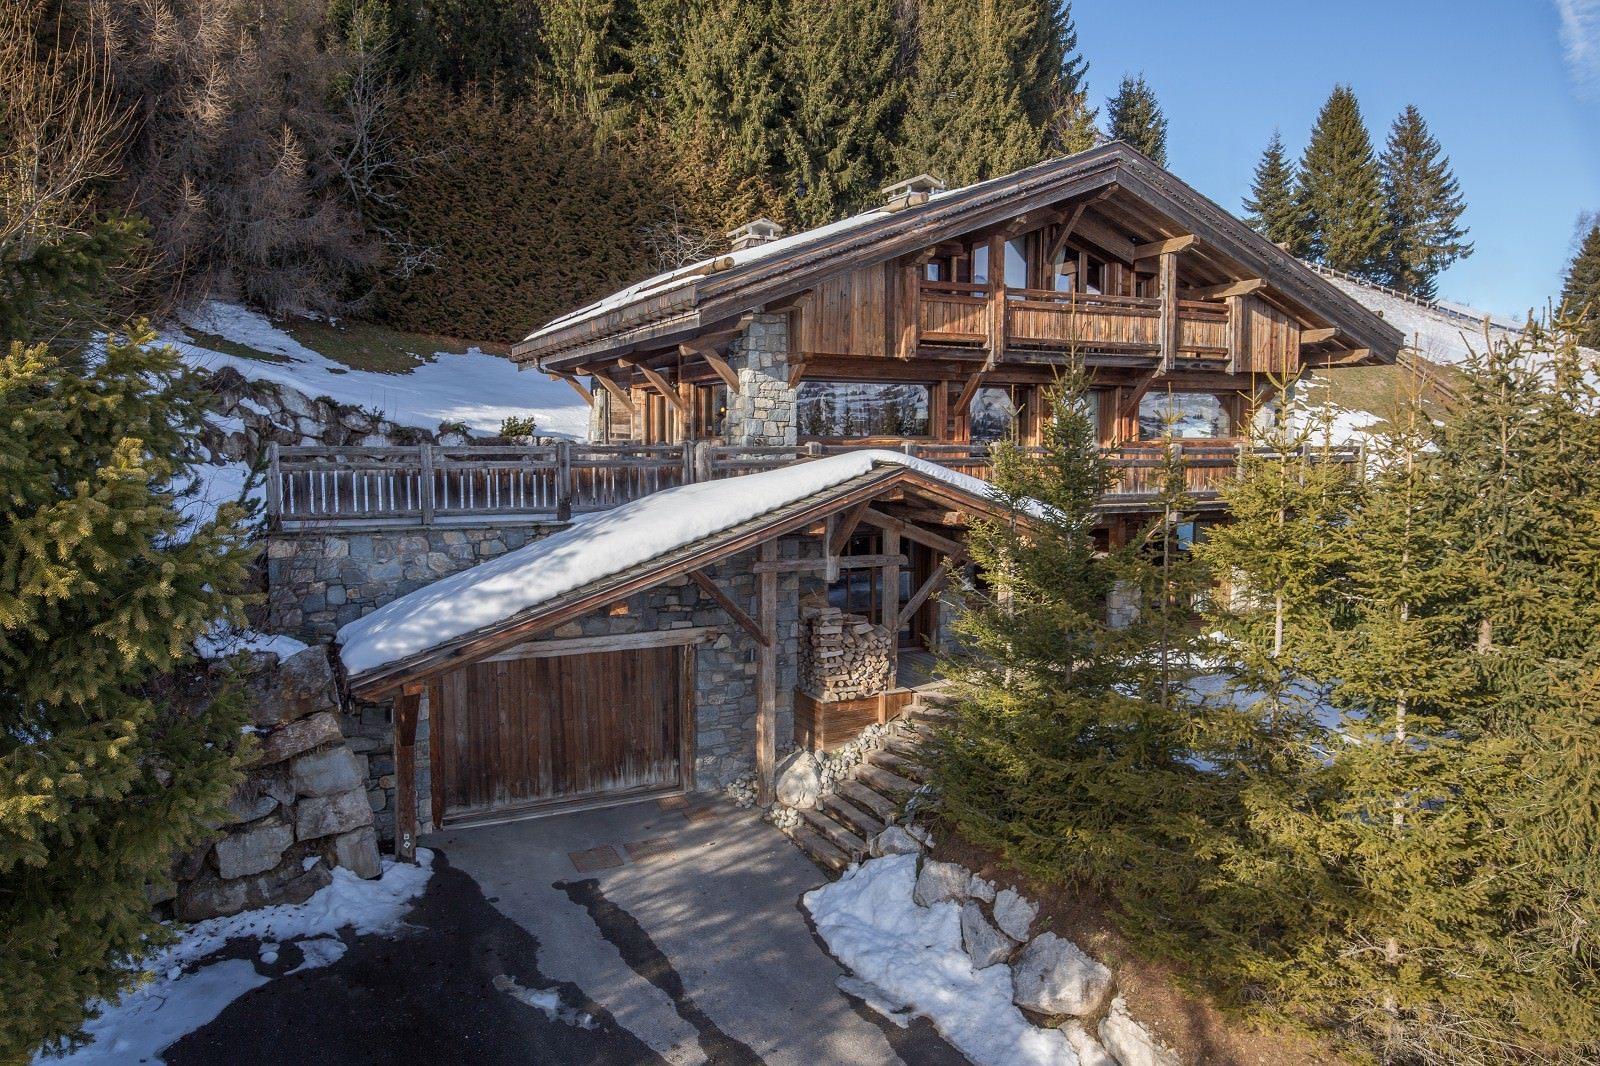 chalet-exception-a-vendre-vue-magnifique-mont-blanc-cheminee-spa-hammam-terrasse